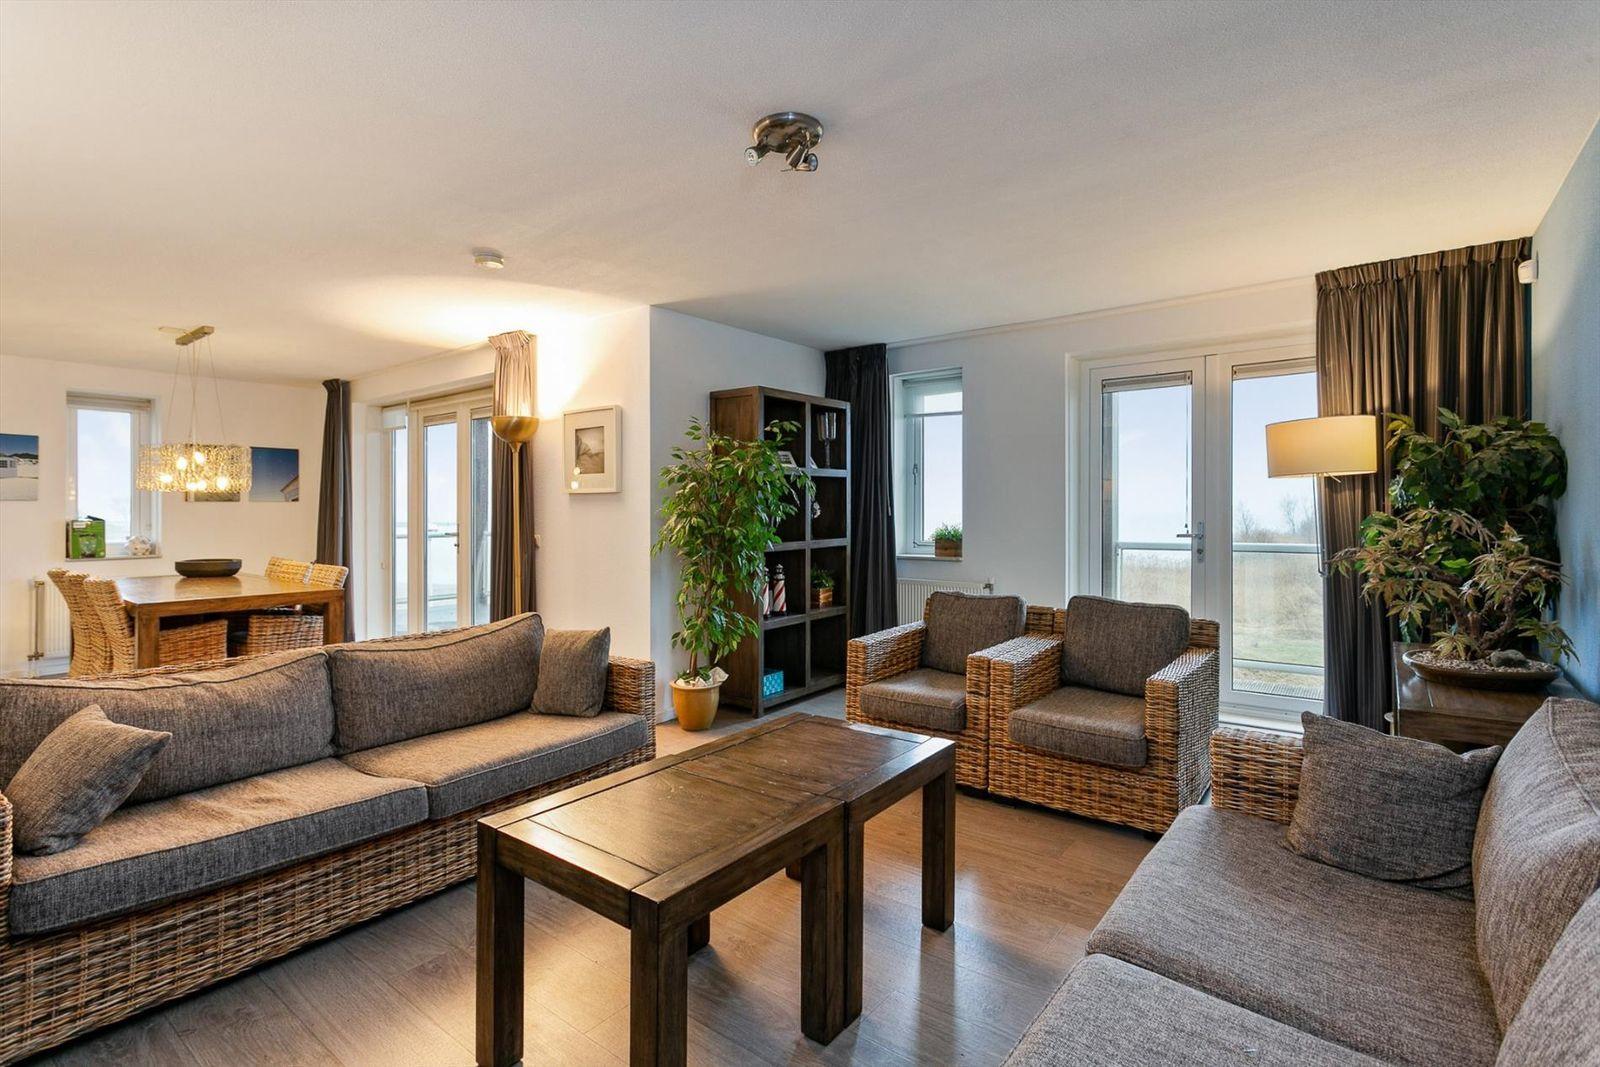 hoekappartement met uitzicht over het water haus. Black Bedroom Furniture Sets. Home Design Ideas